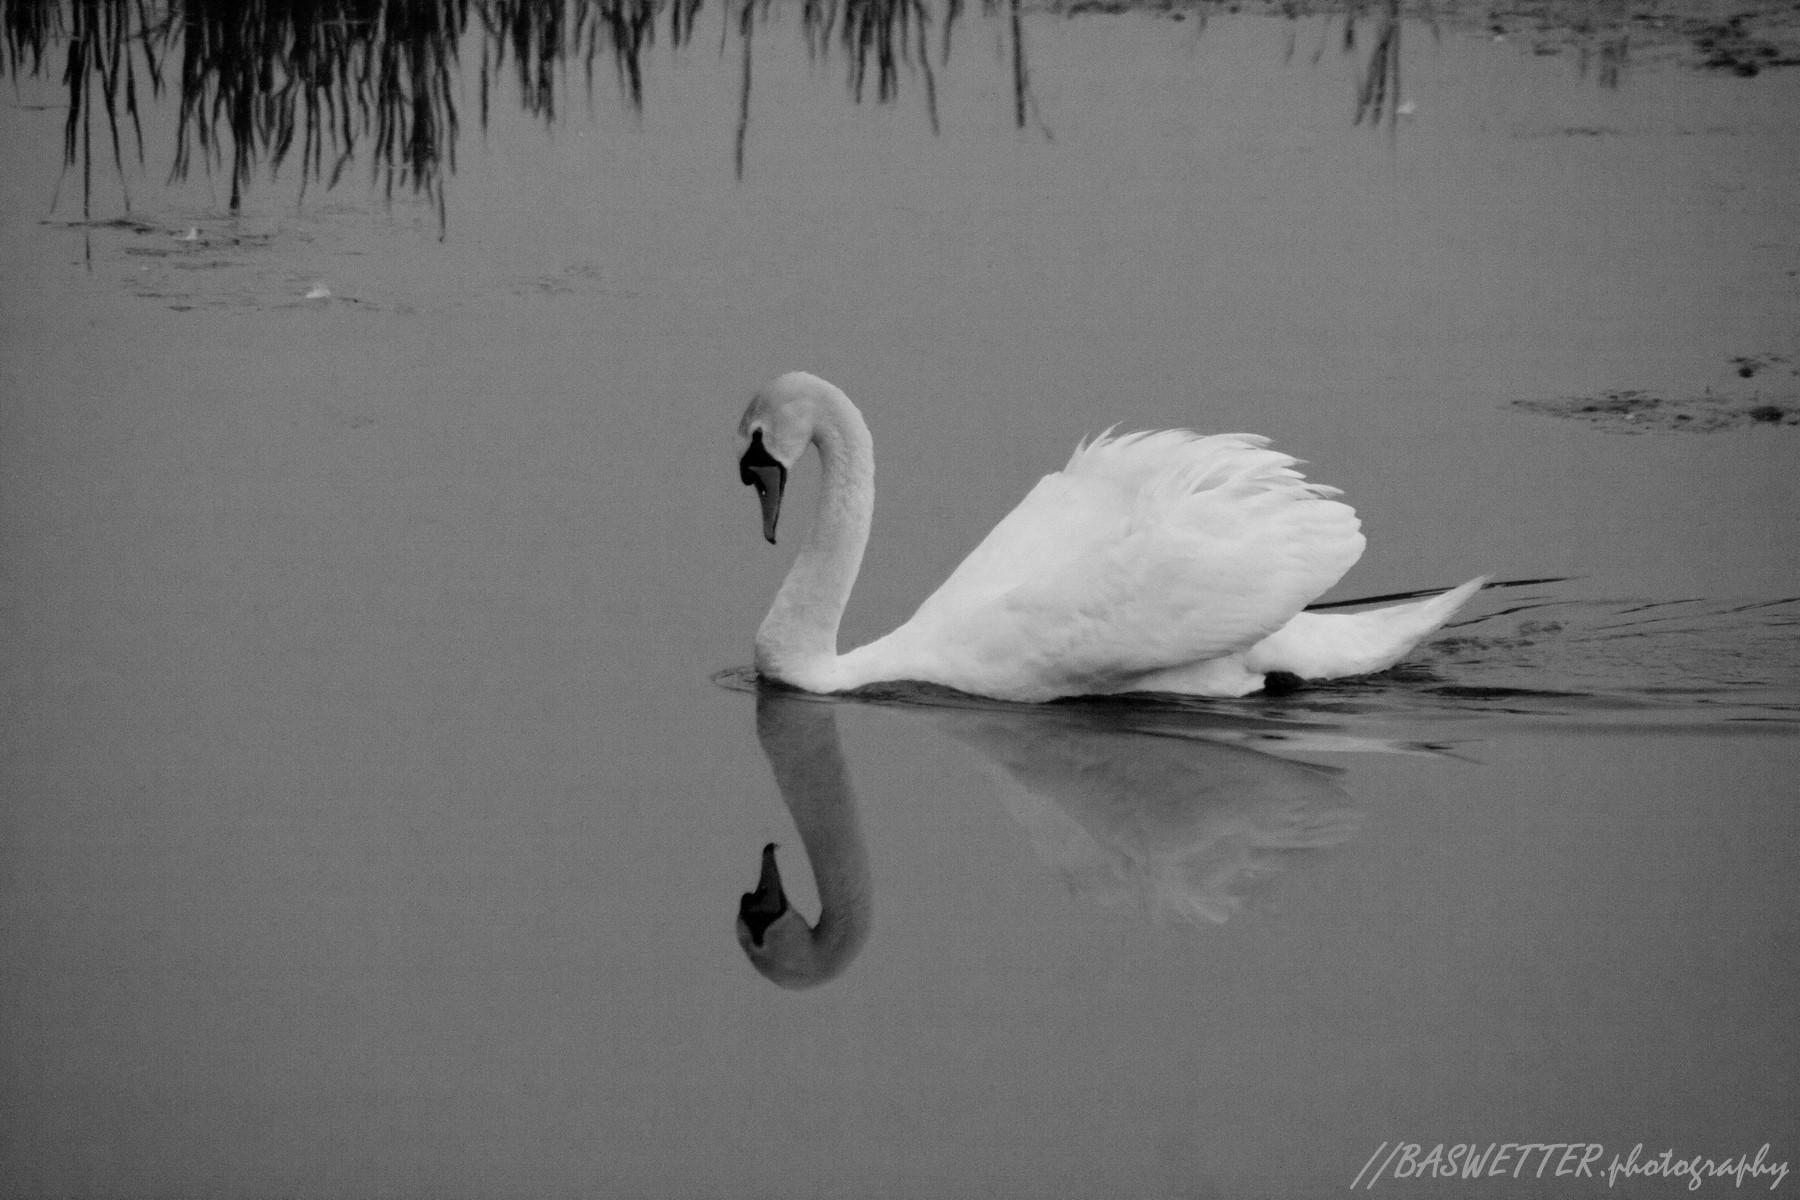 Zwaan met reflectie in het water